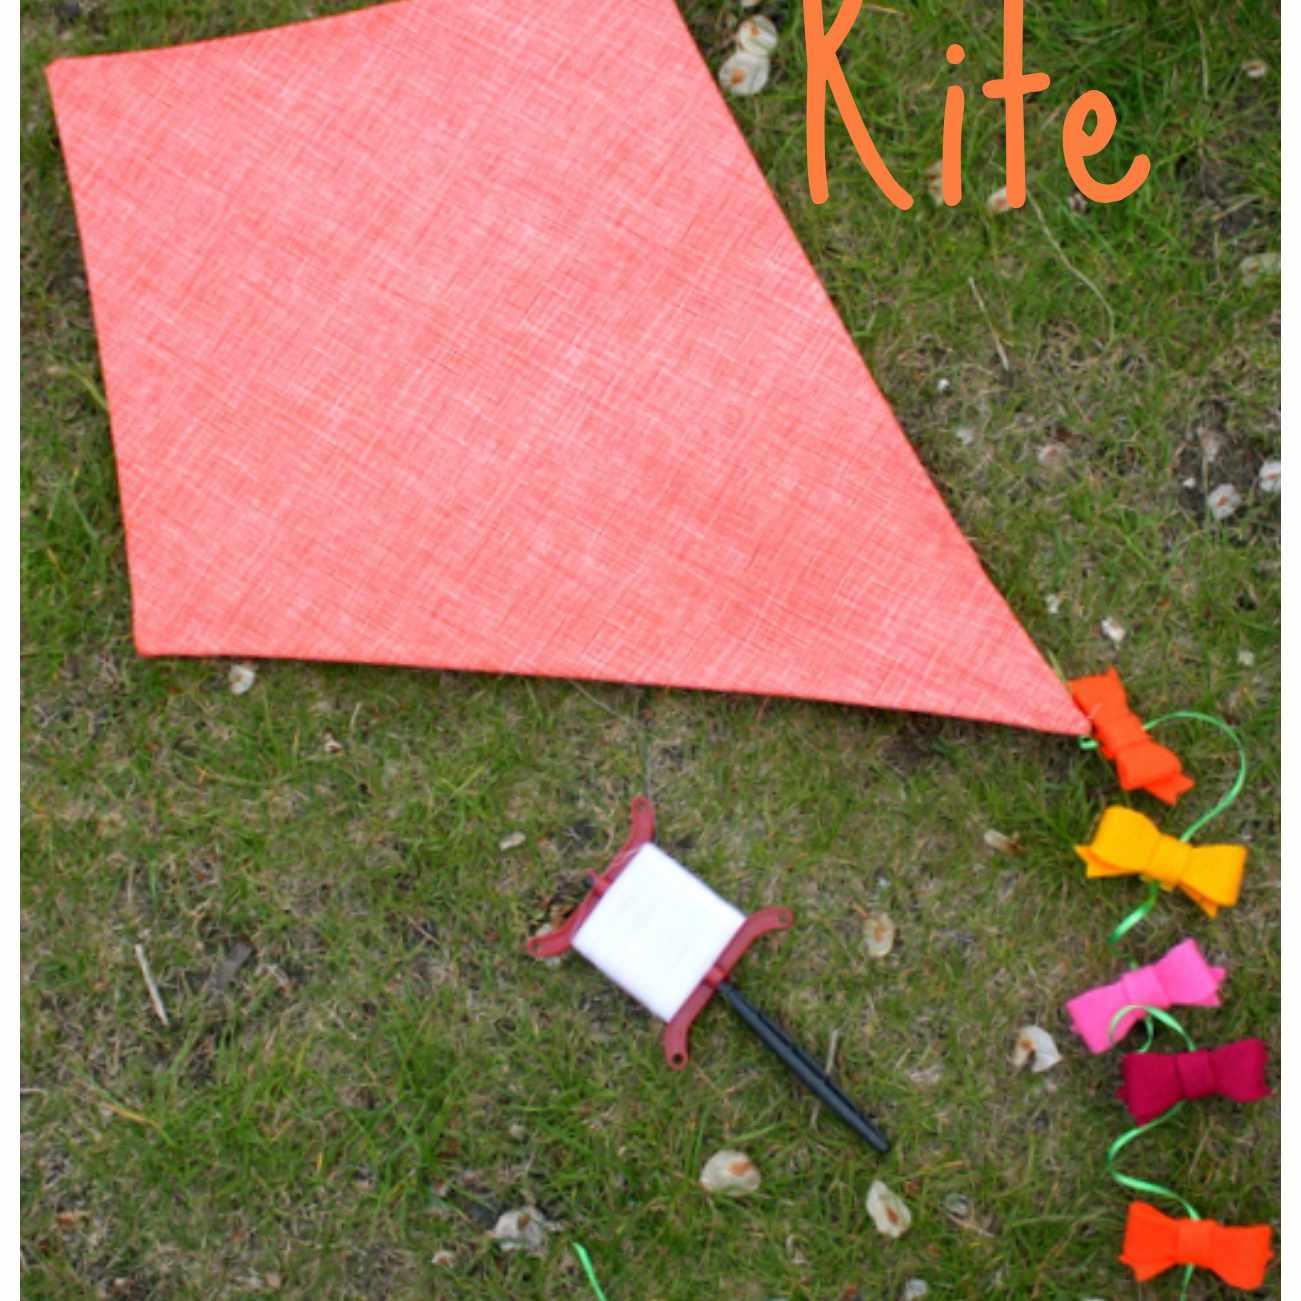 DIY Fabric Kite